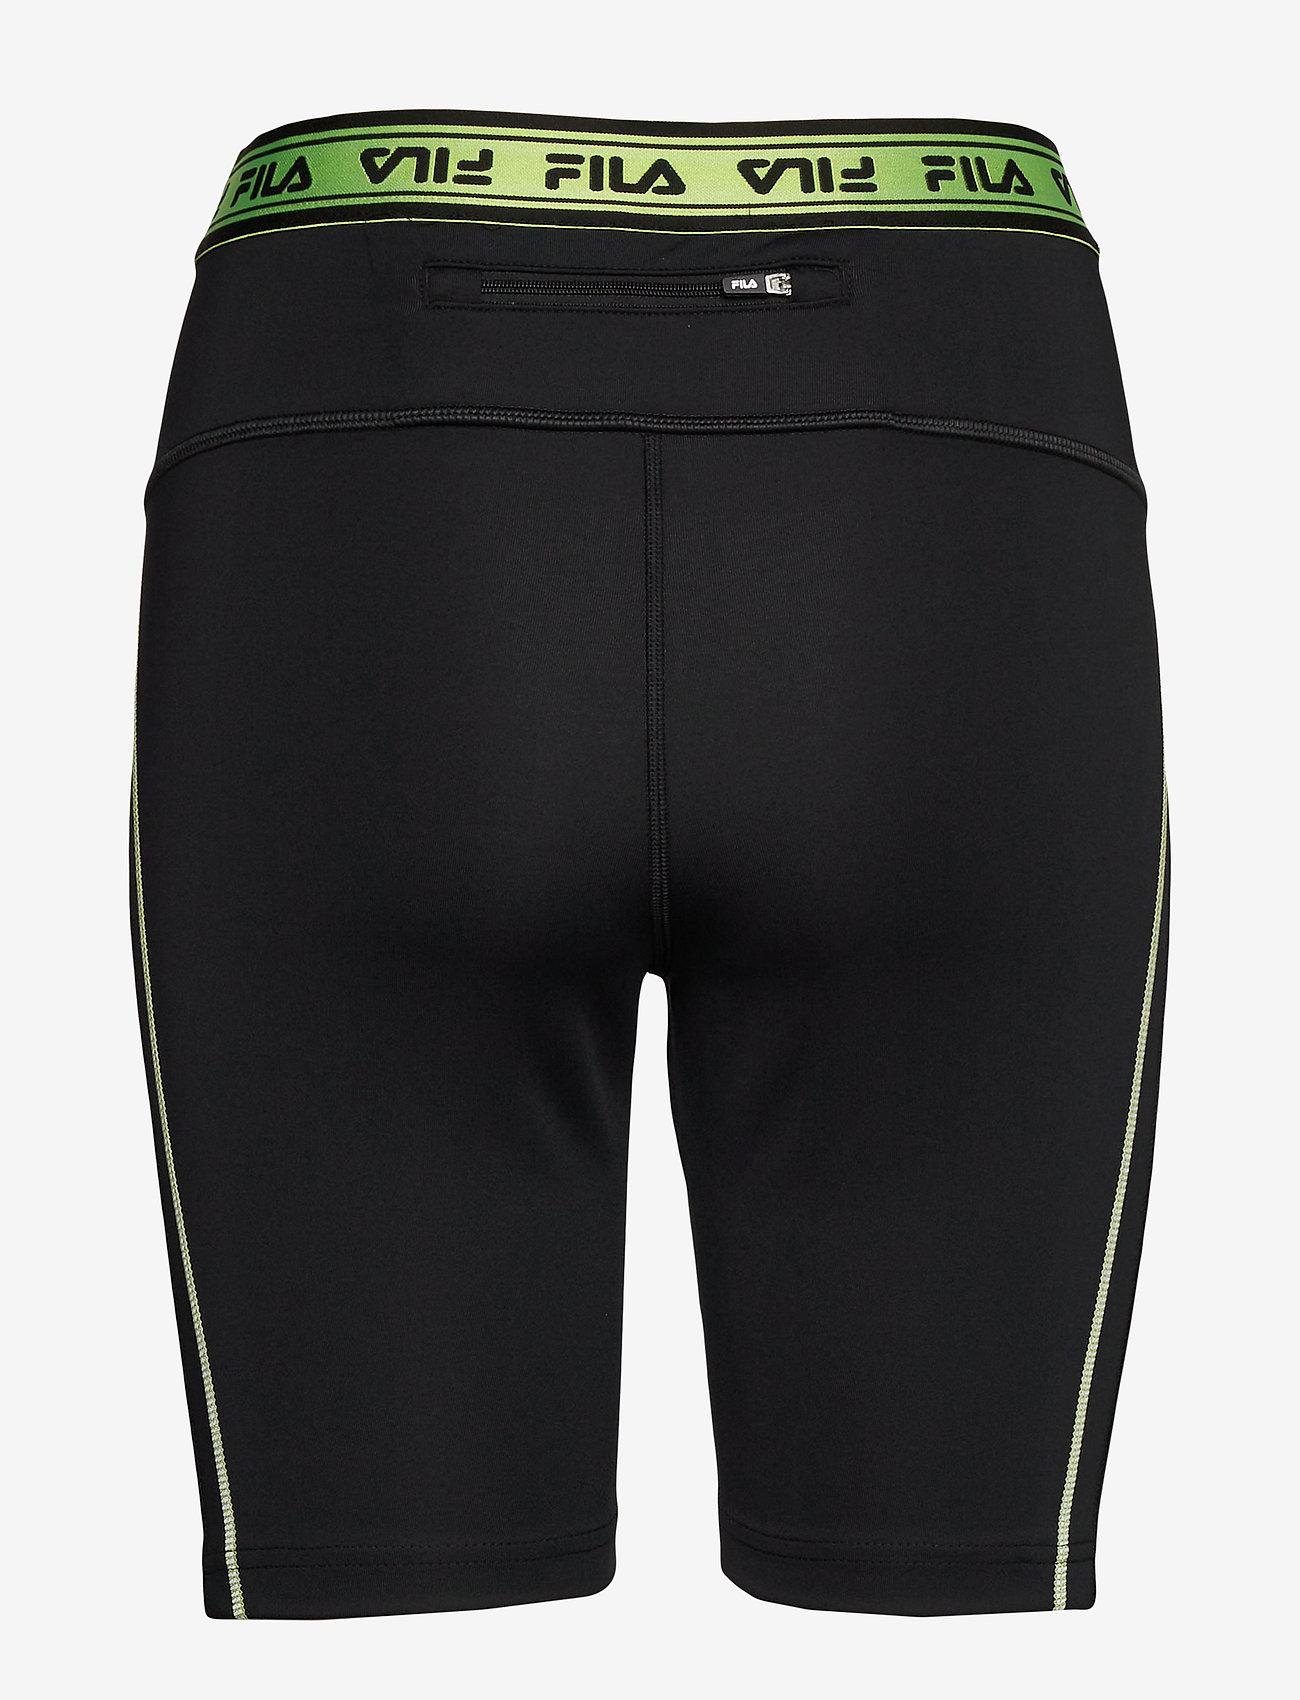 FILA WOMEN ULAN short leggings - Szorty BLACK - Kobiety Odzież.